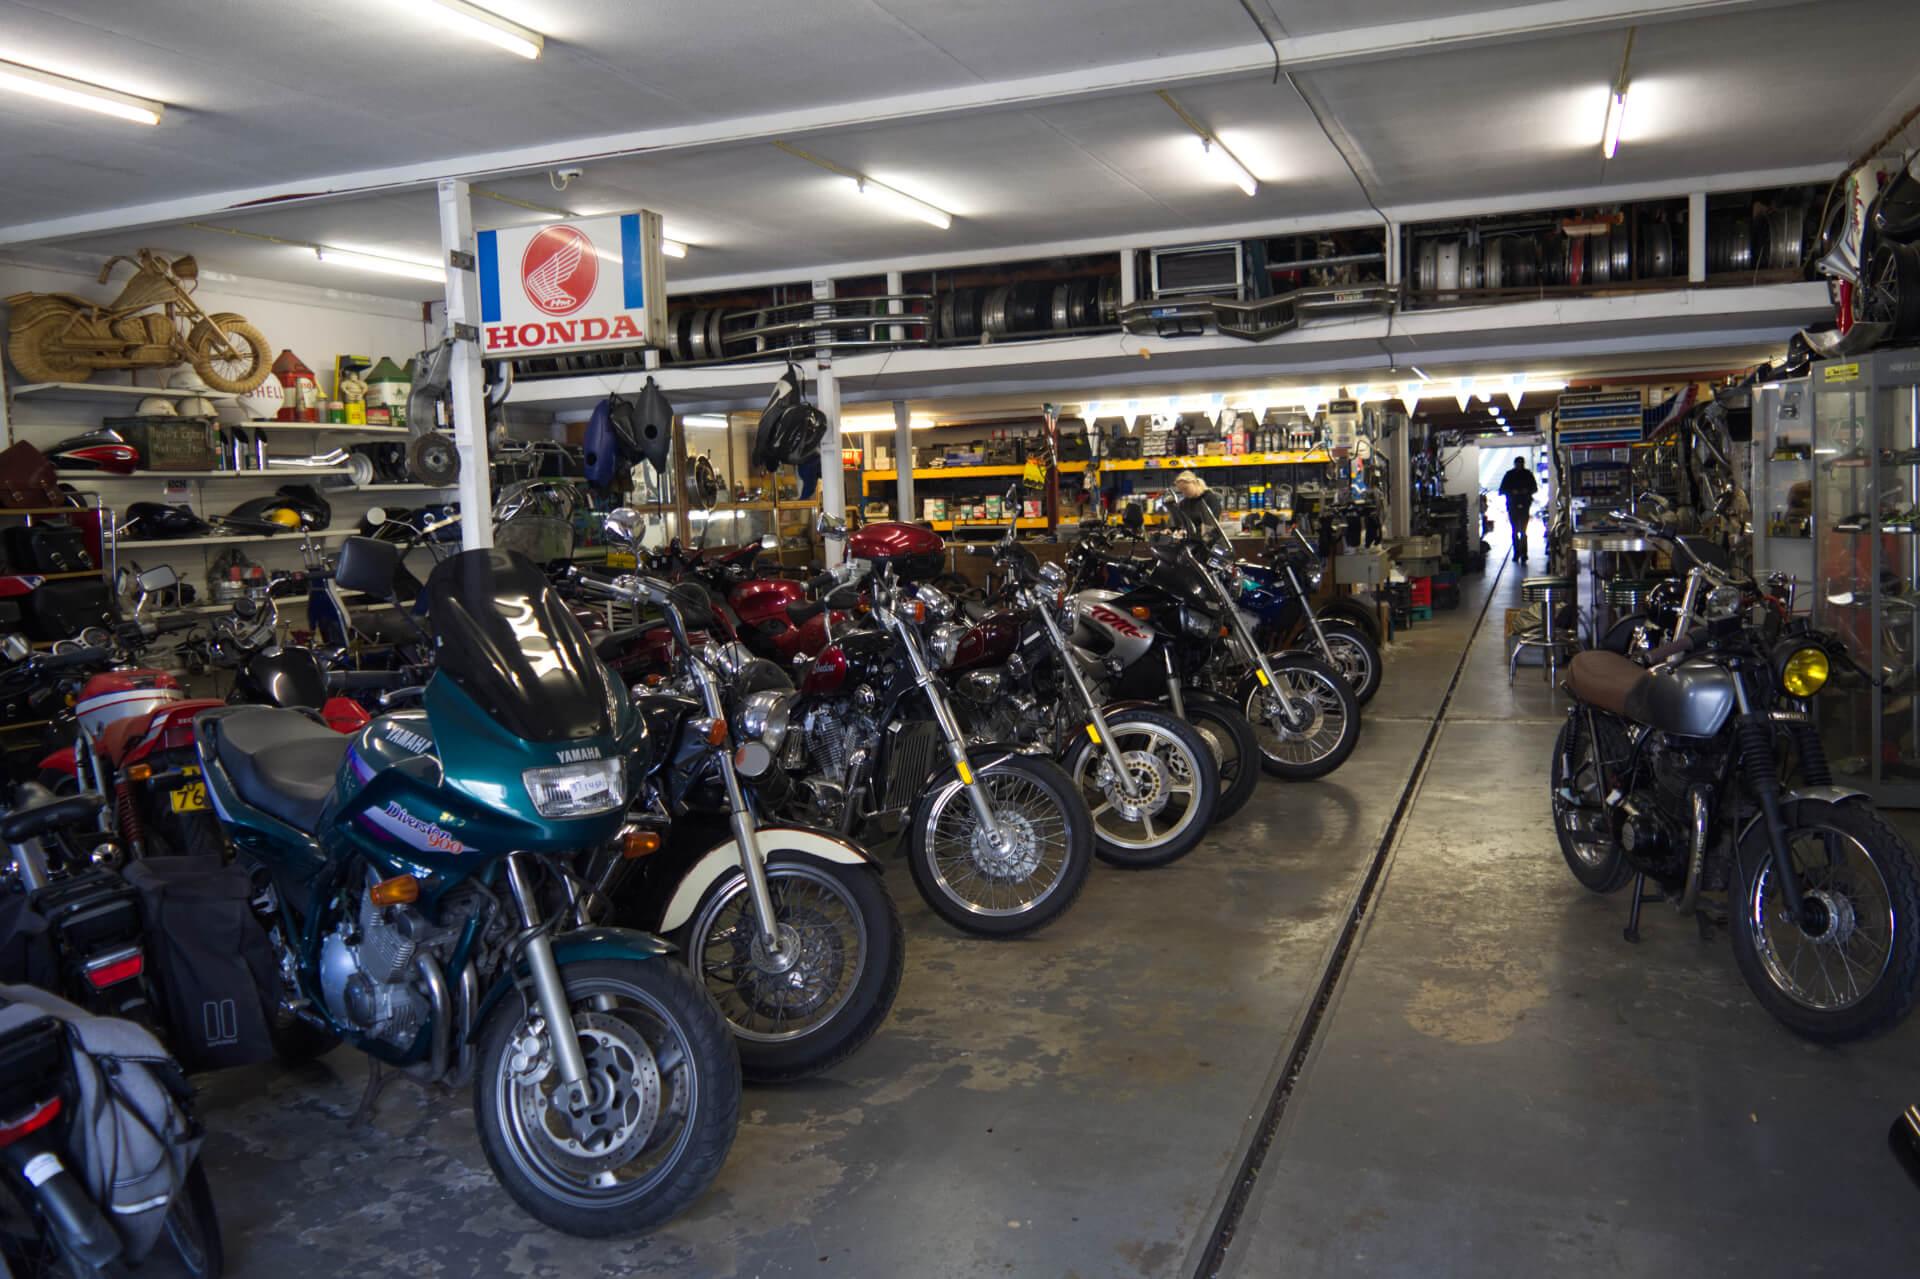 Woesthoff Used Parts & Motorcycles te Brummen - Winkel Voor